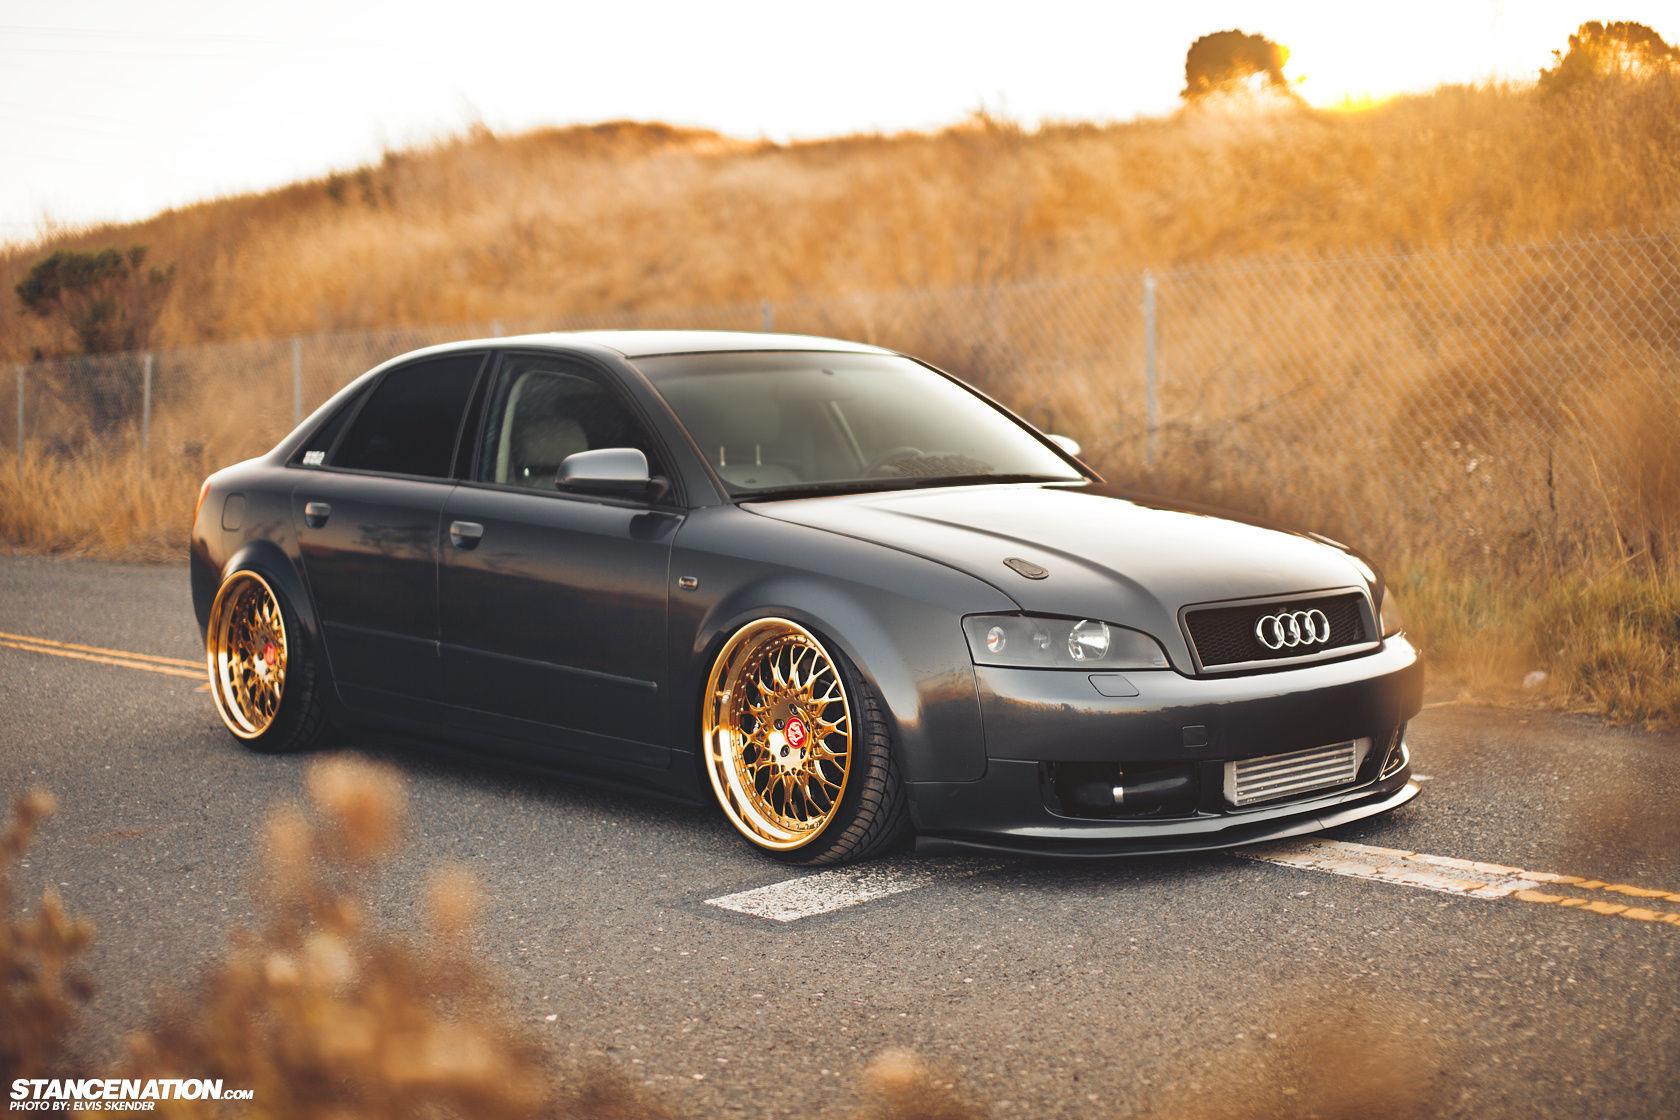 2006 Audi A4 | Audi A4